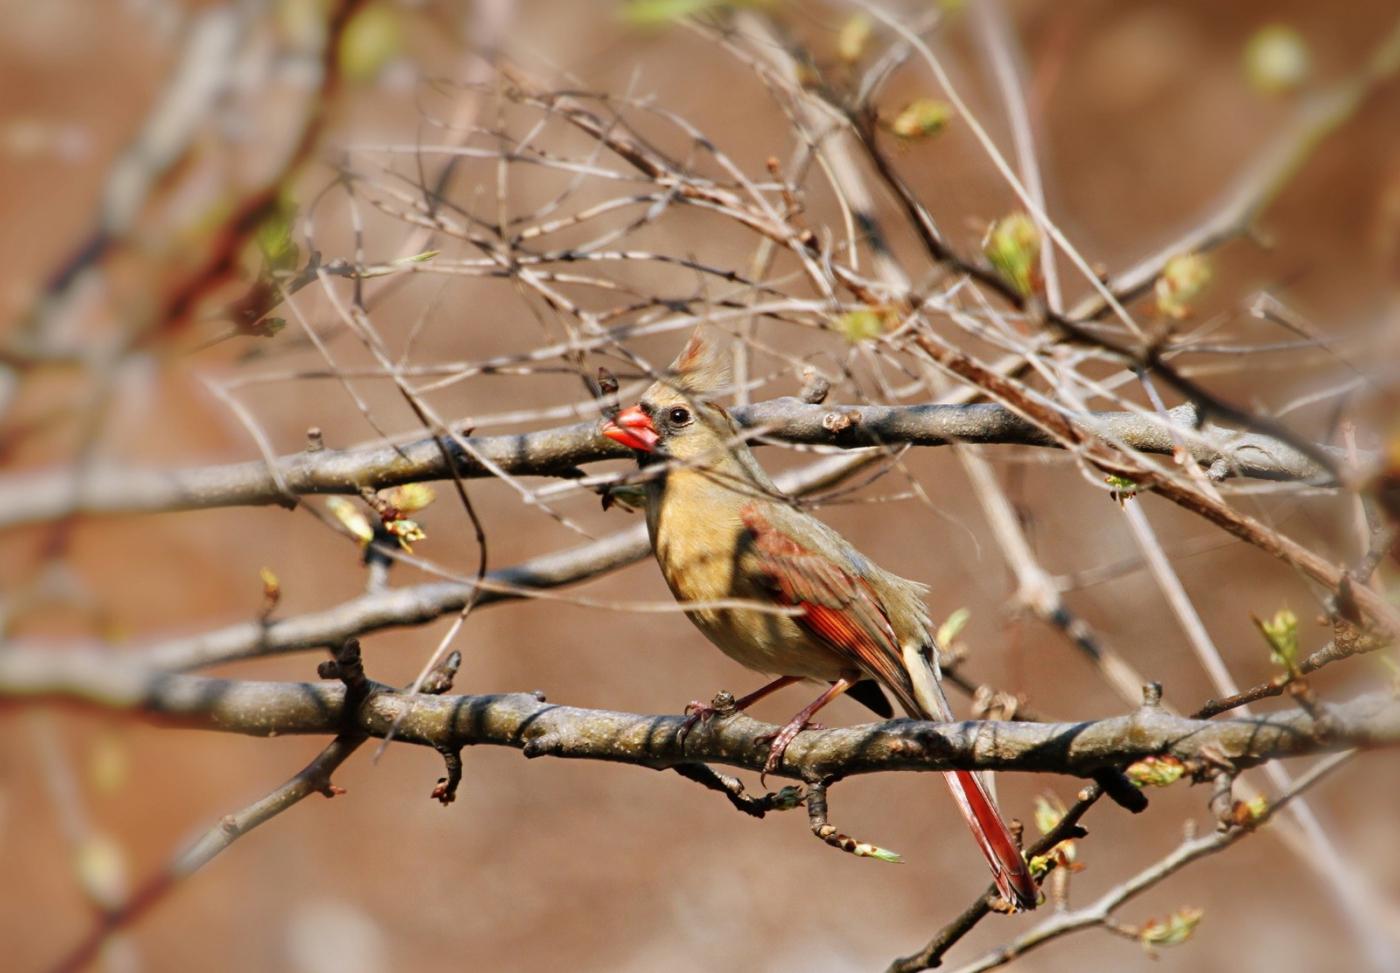 【田螺摄影】天暖了、把喂鸟器装满鸟就来了_图1-7